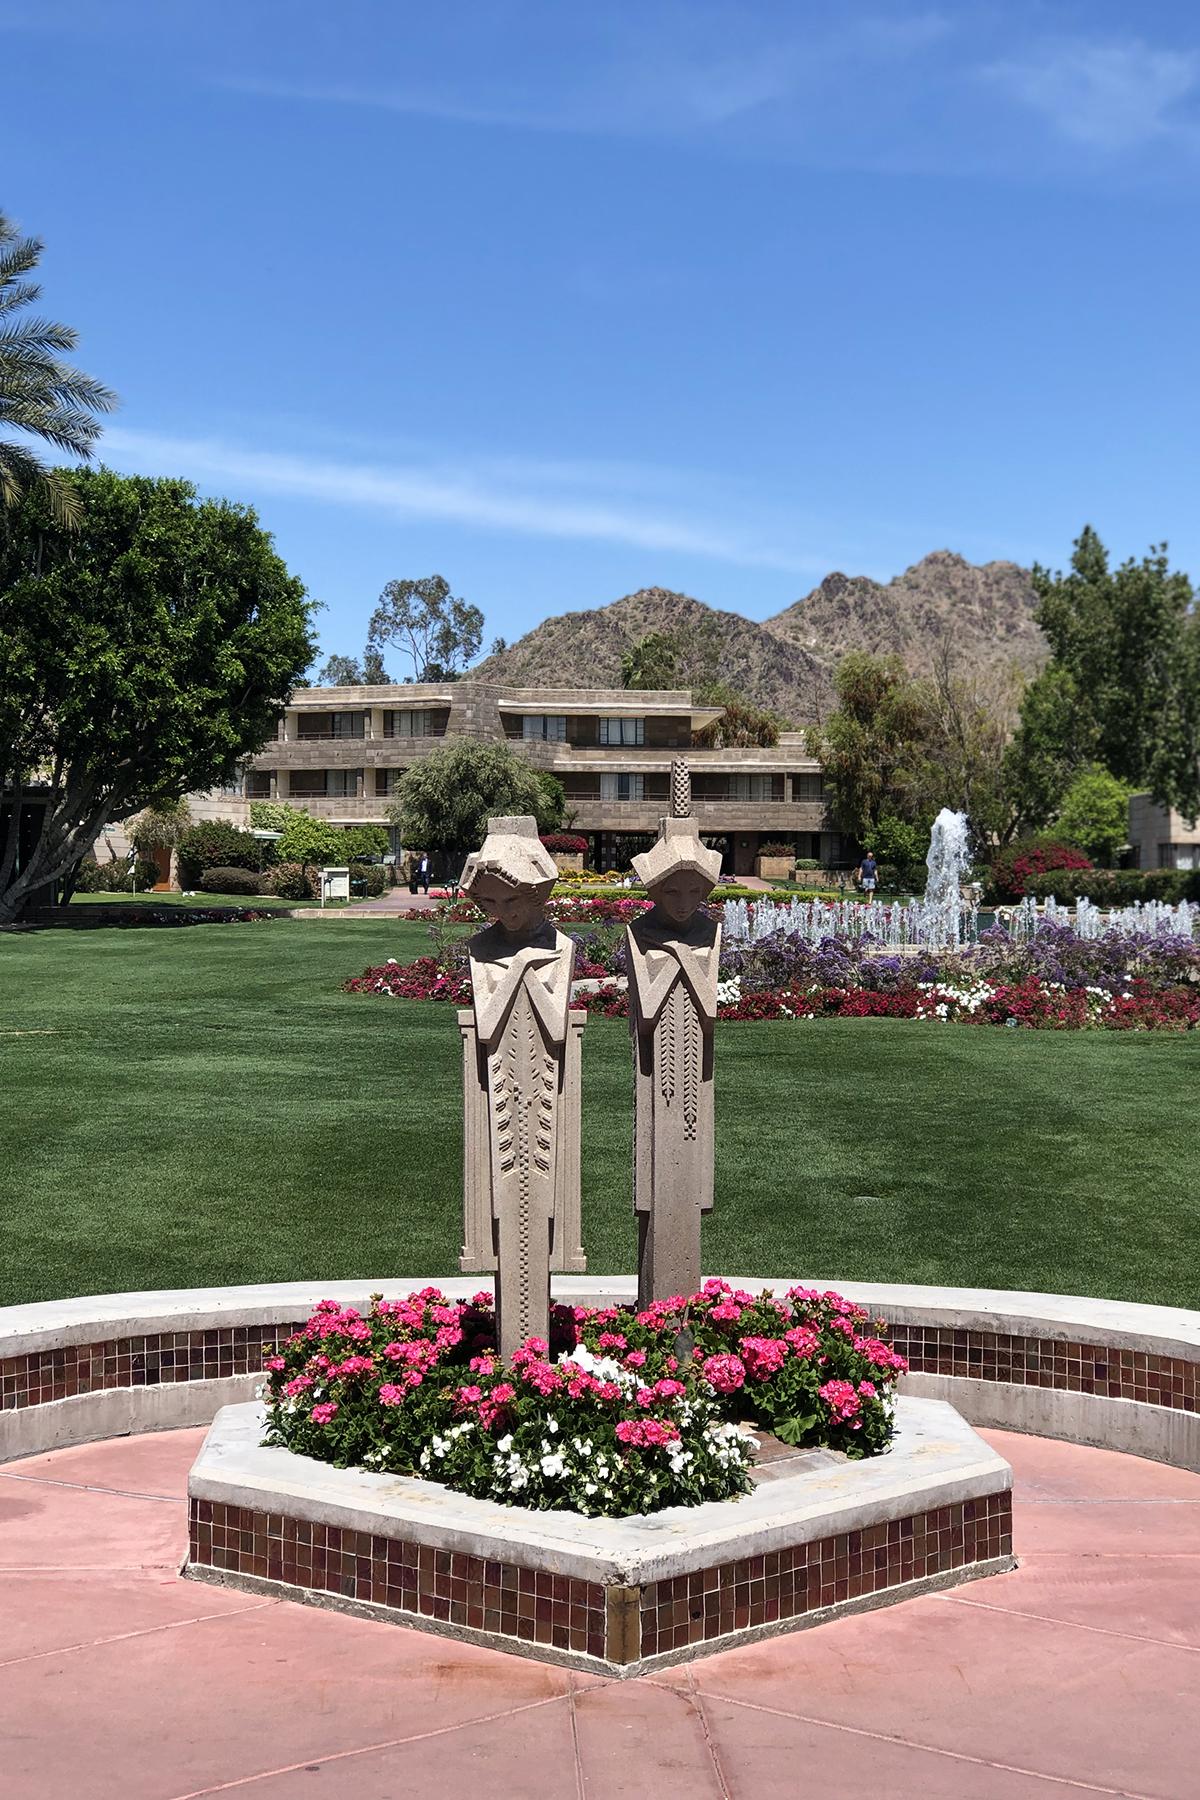 Arizona Biltmore History